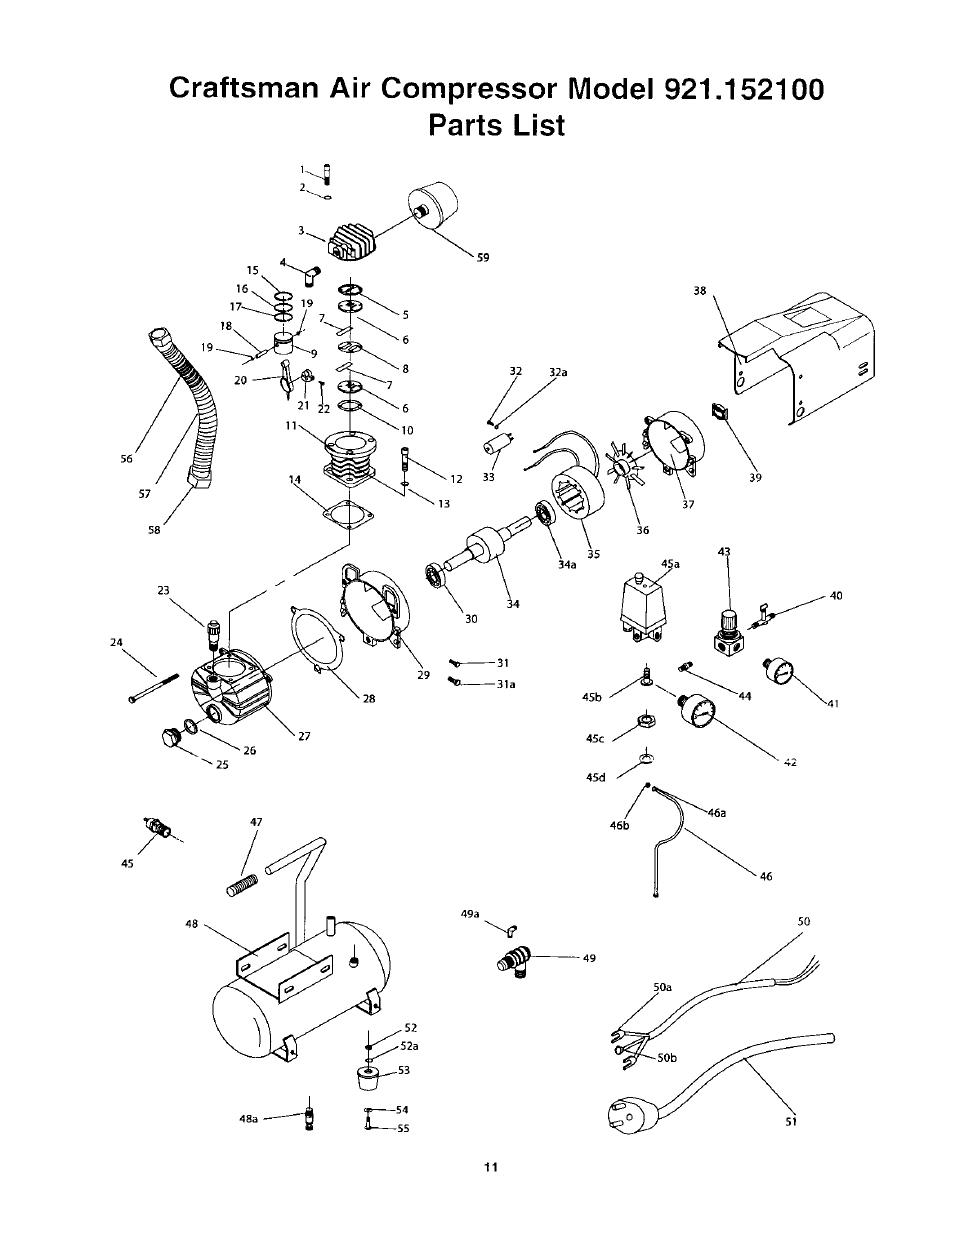 Craftsman Air Compressor Parts Manual